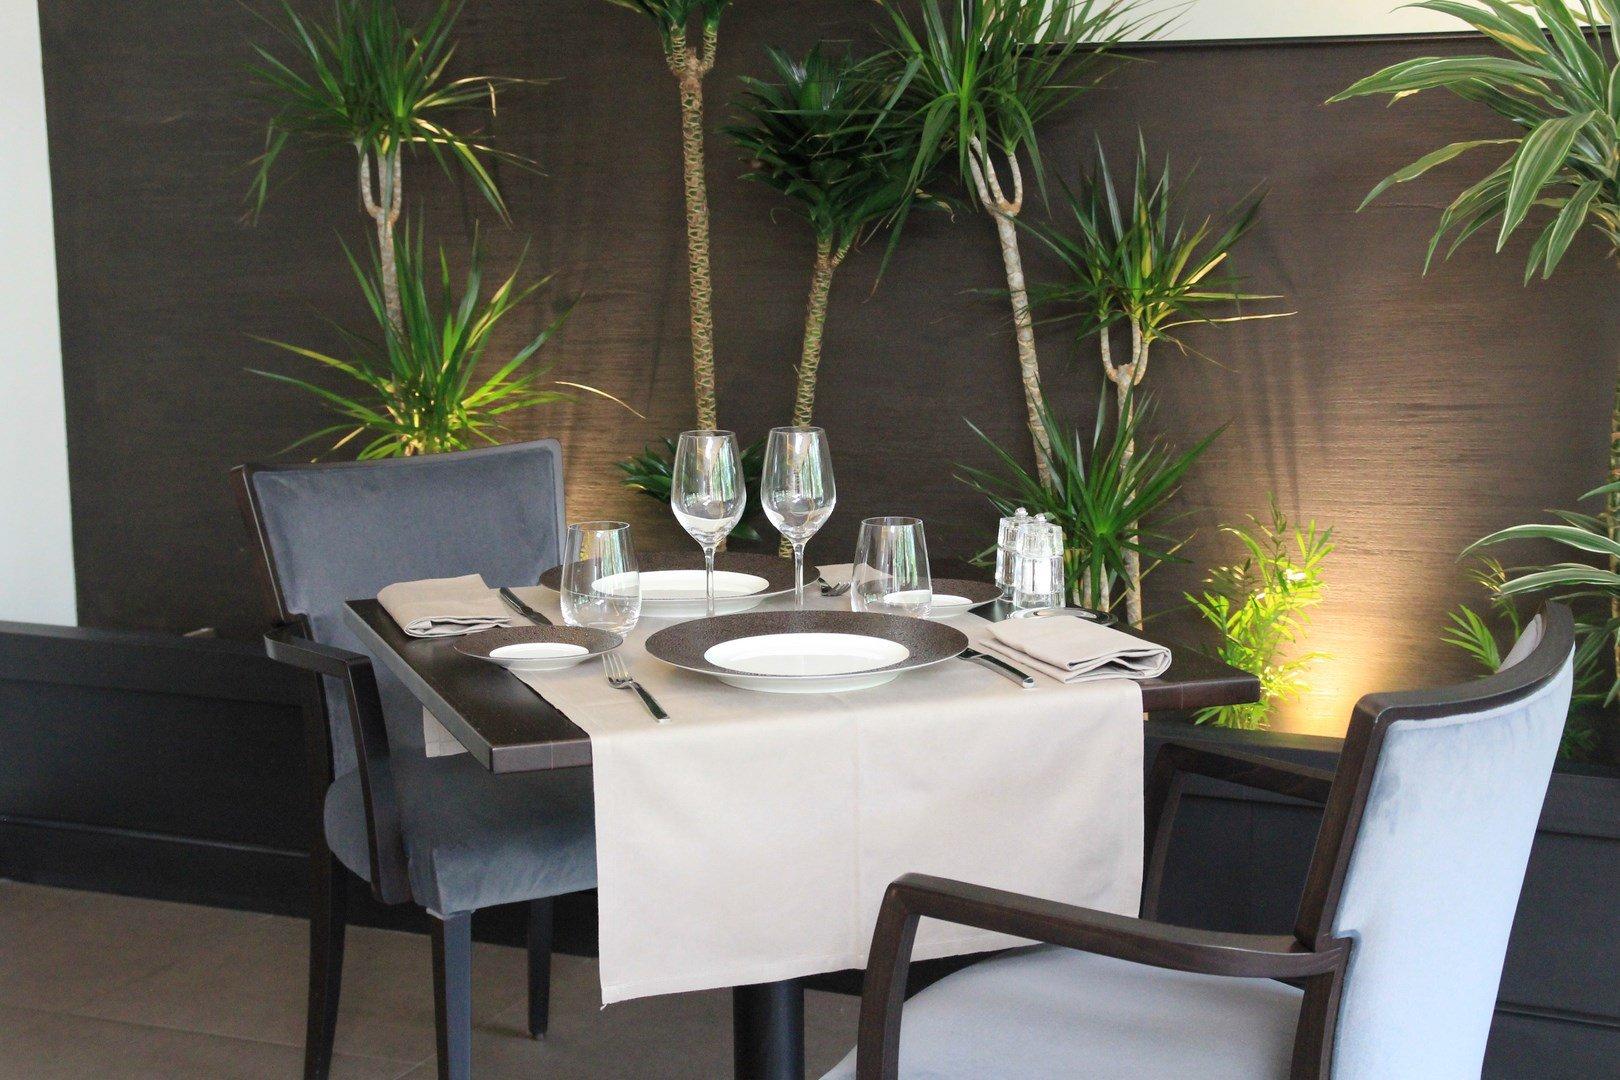 Repas entreprise dans un restaurant gastronomique restaurant groupe Issy-les-Moulineaux 92